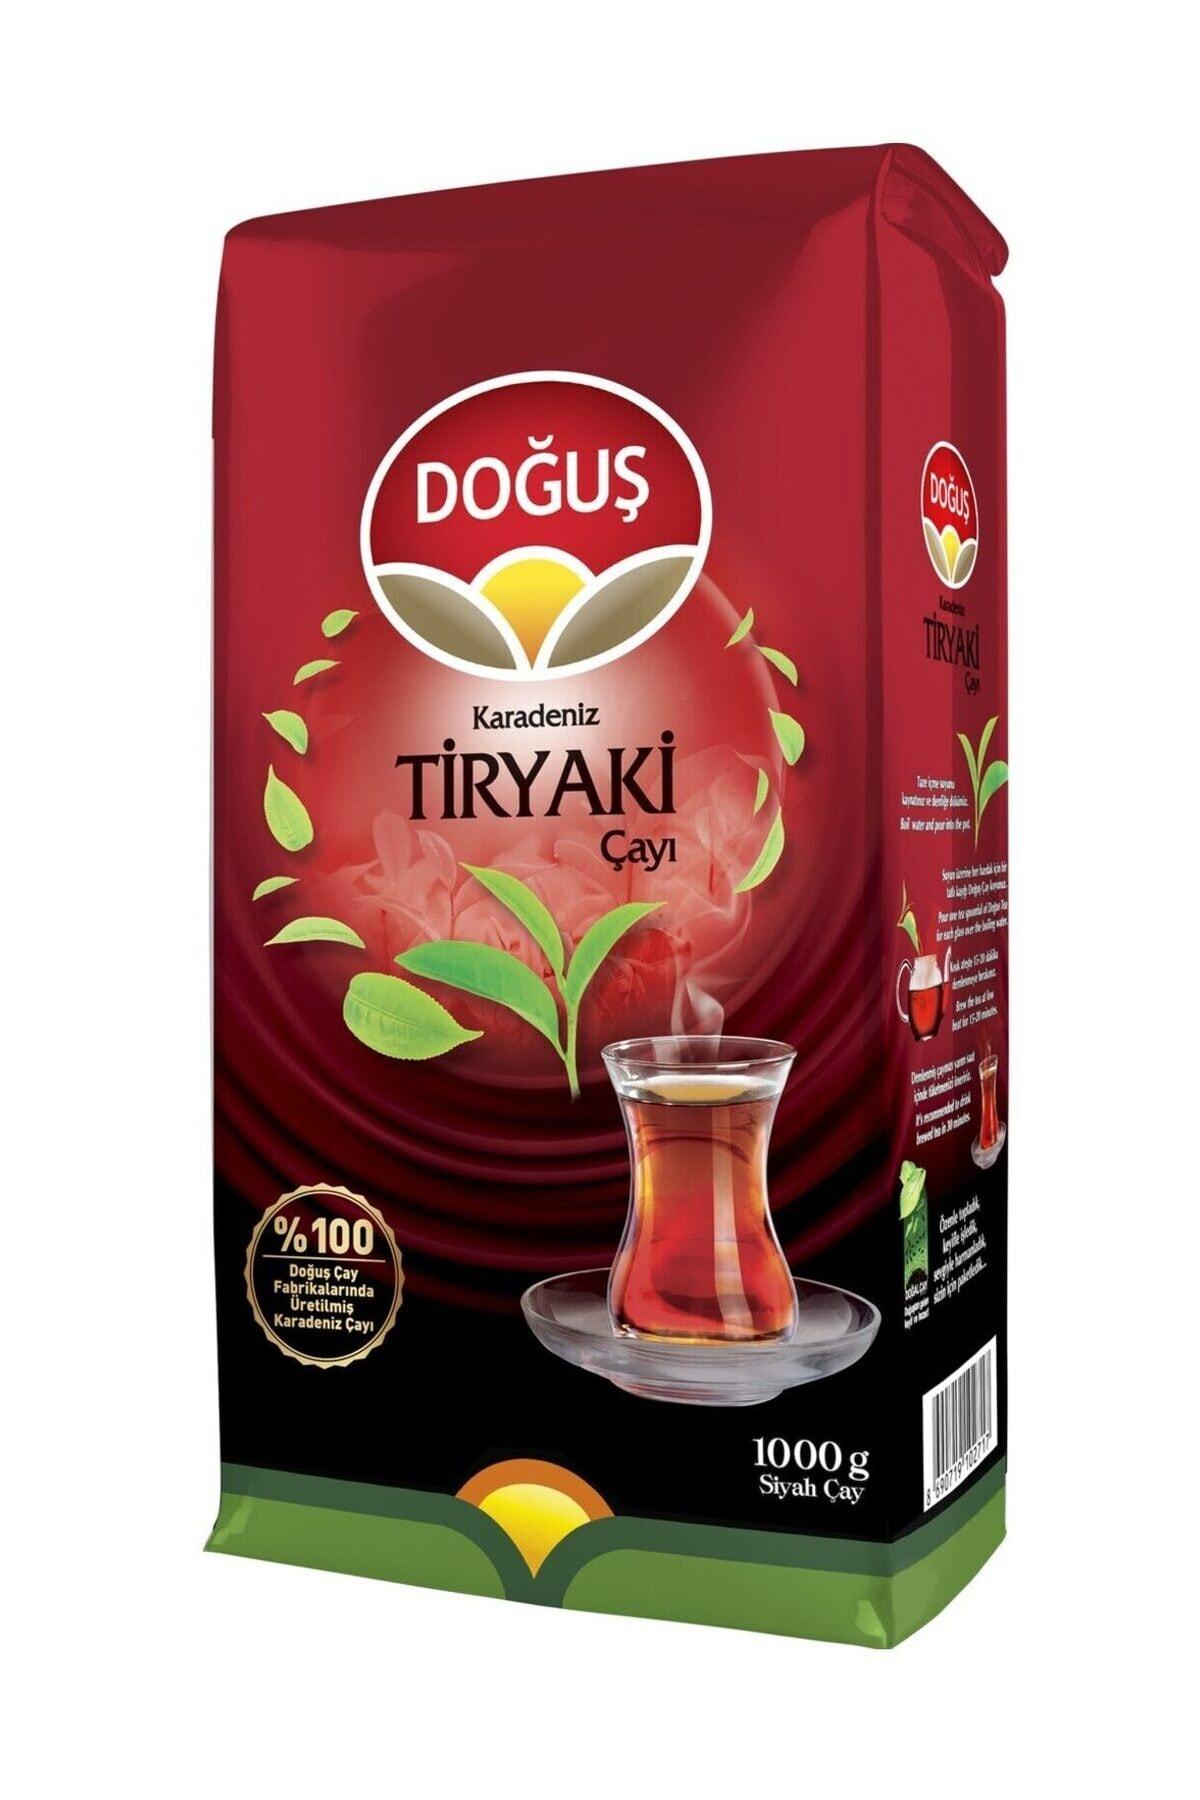 Doğuş Karadeniz Tiryaki Dökme Siyah Çay 1000 gr 1